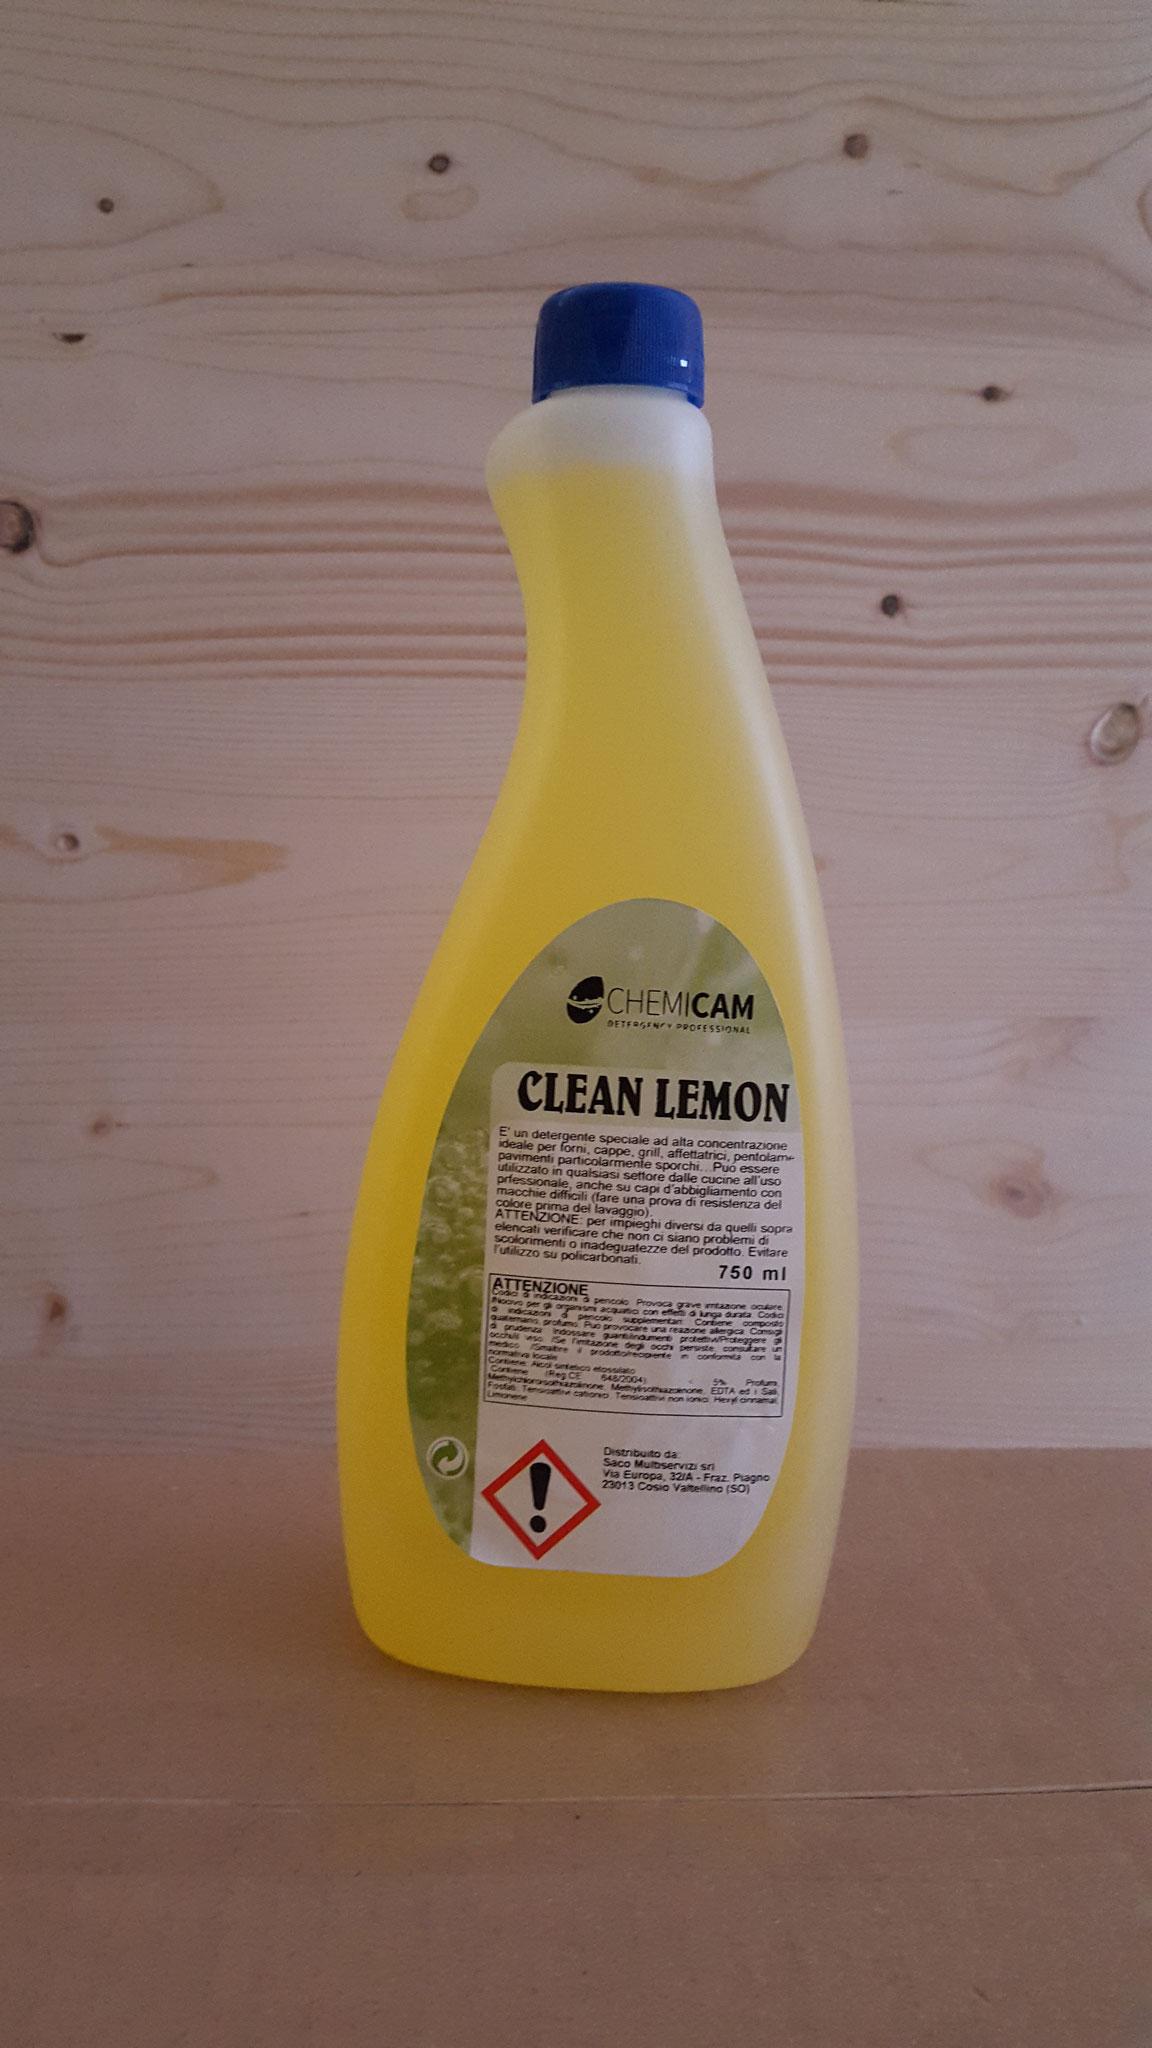 CLEAN LEMON - Detergente concentrato per tutte le superfici